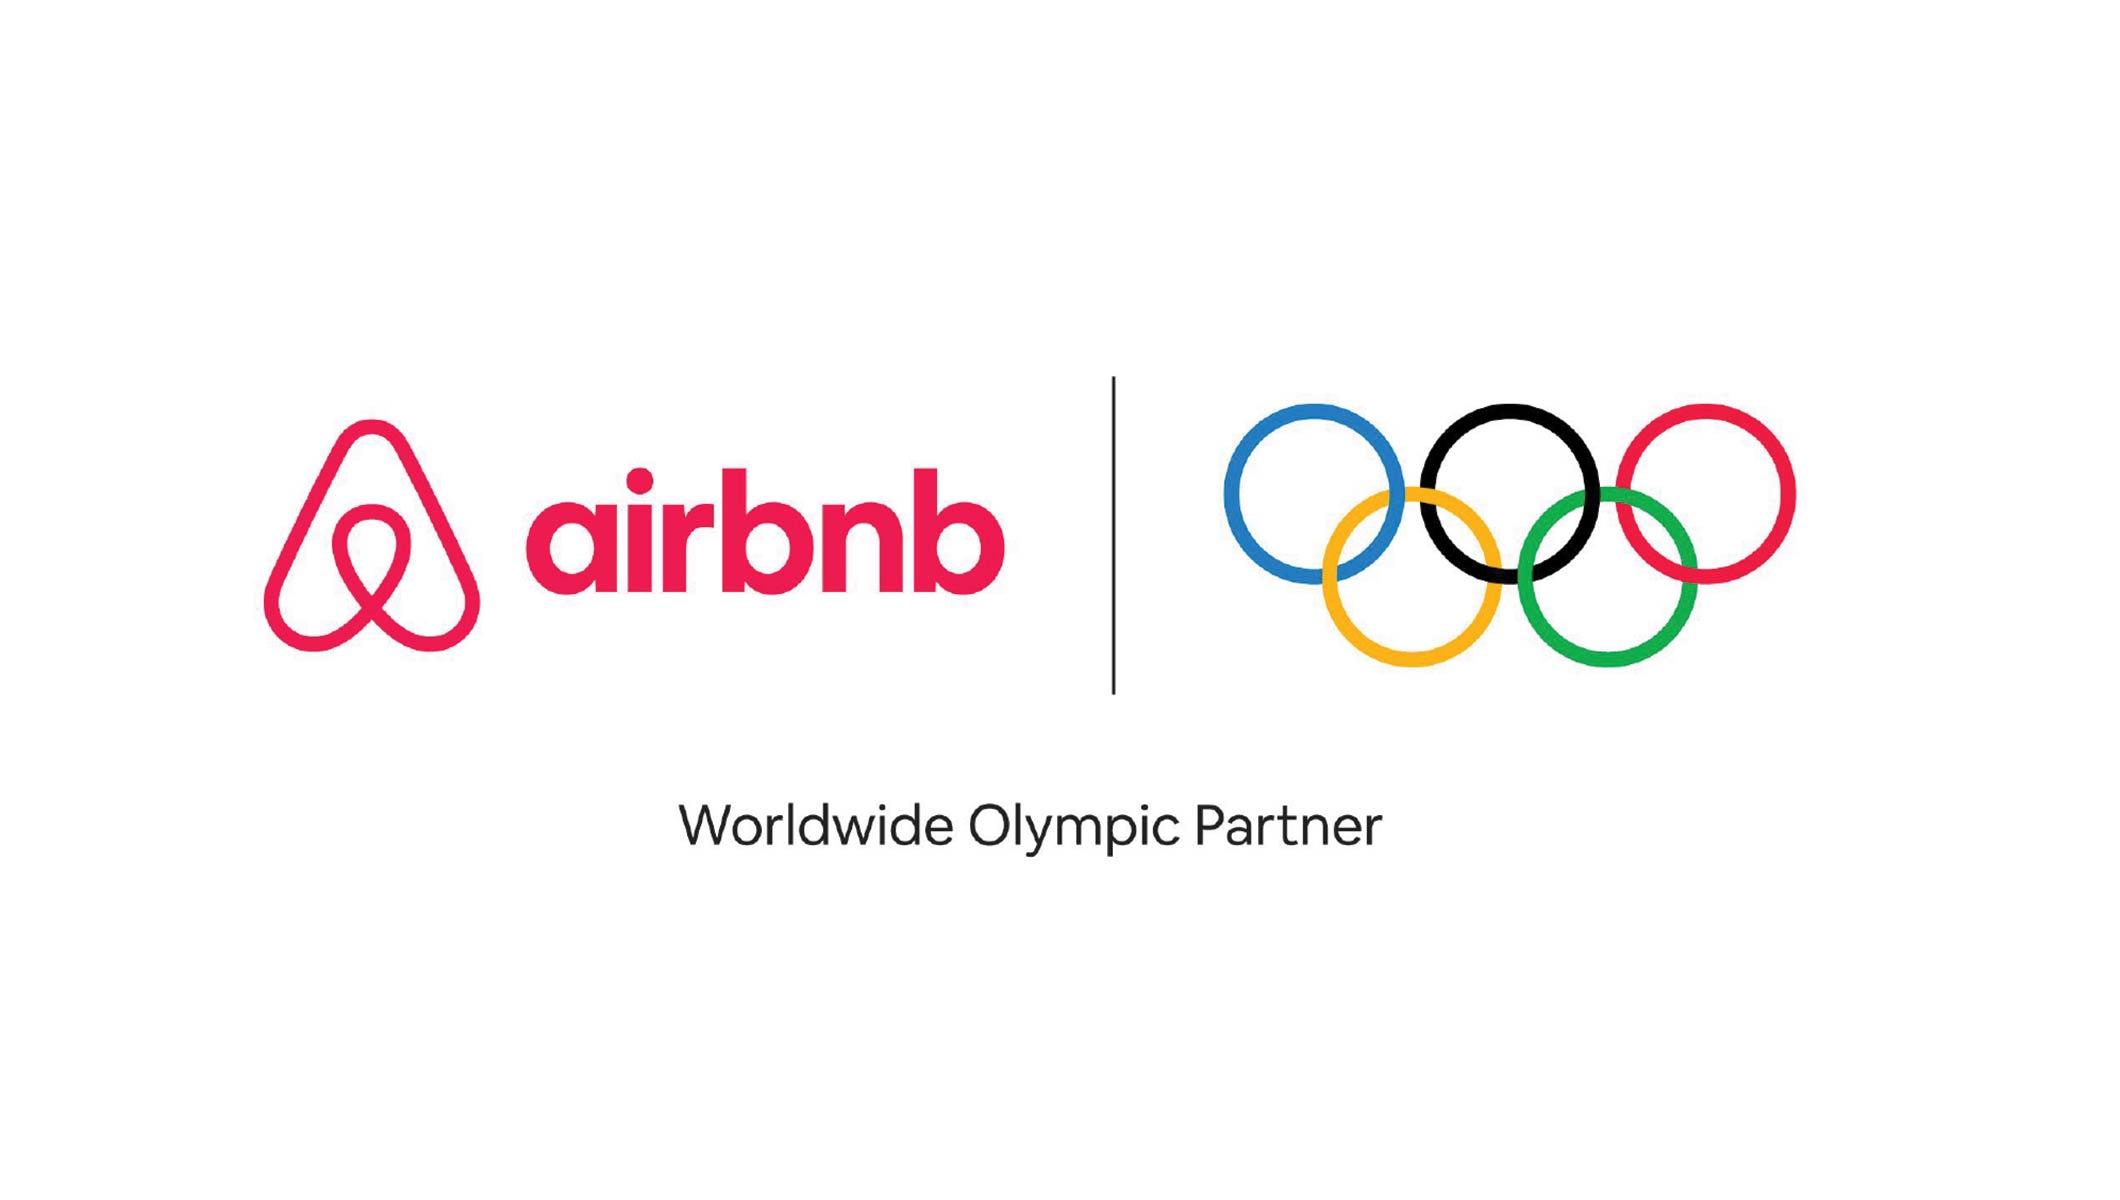 Airbnb ofrece créditos de alojamiento para cubrir los gastos de viaje de los atletas